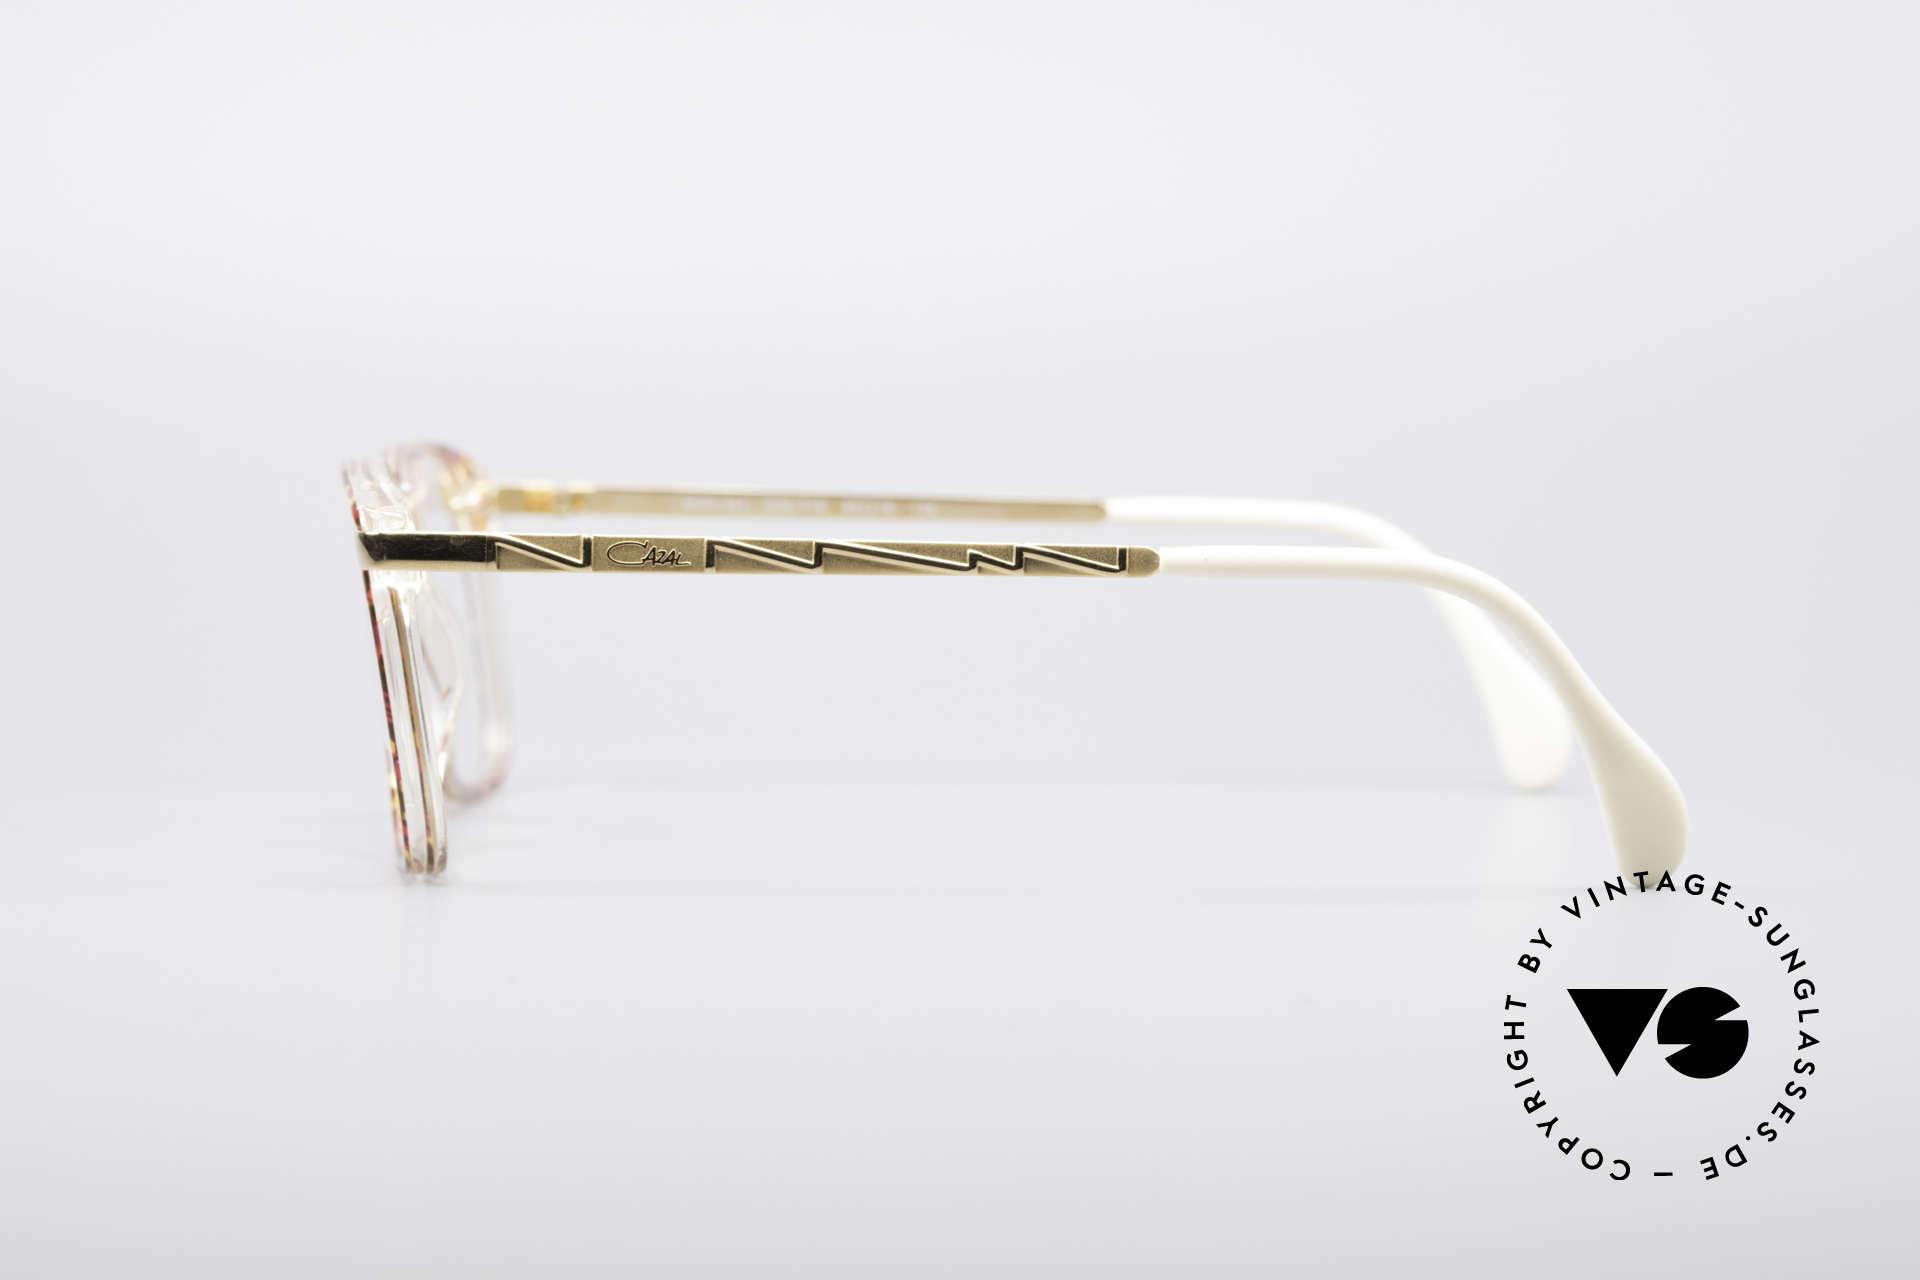 Cazal 341 Vintage No Retro Brille 90er, KEINE Retrobrille, sondern ein altes 90er-Original, Passend für Damen